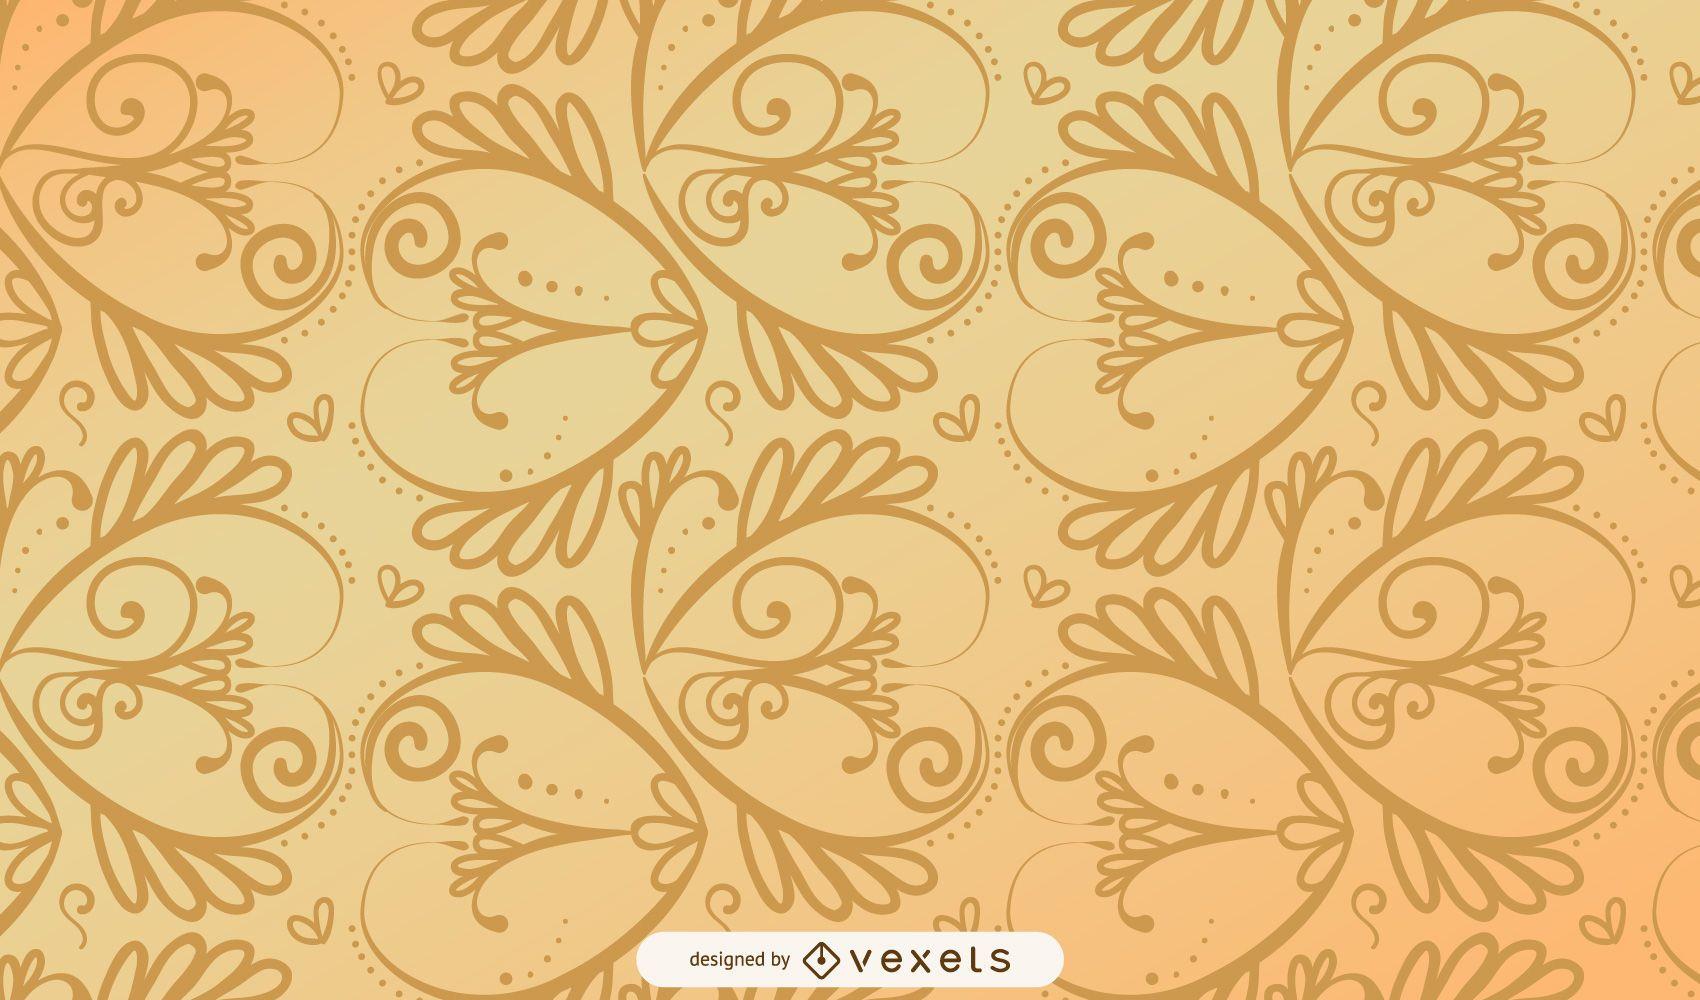 Patrón Vintage dorado espiral transparente